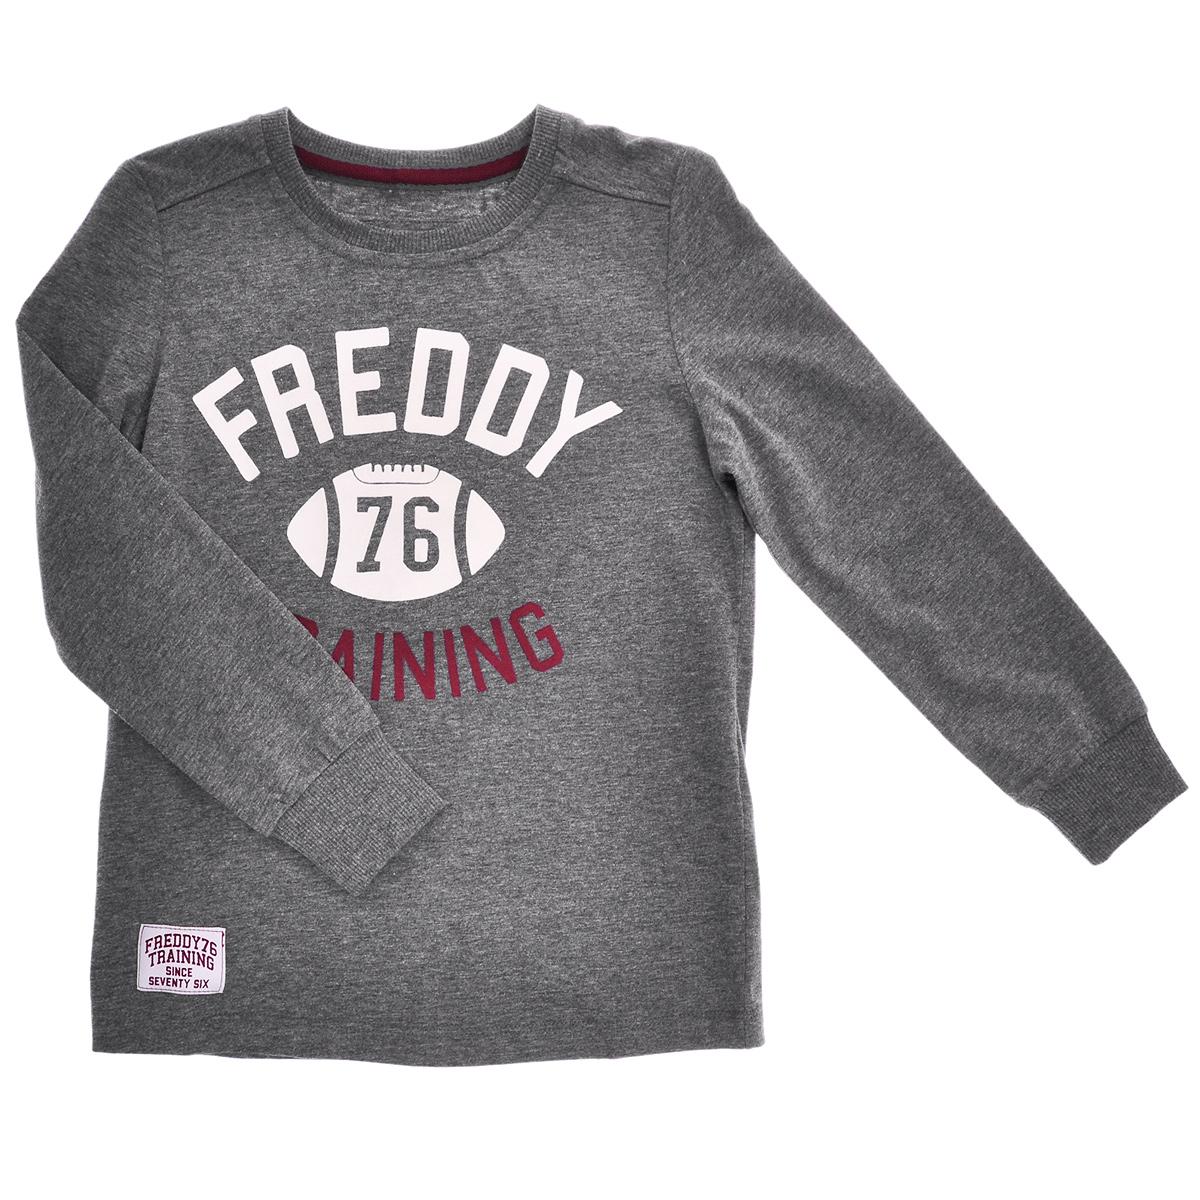 Лонгслив для мальчика. 39726JR - Freddy39726JRСтильный лонгслив для мальчика Freddy идеально подойдет вашему маленькому непоседе в прохладные дни. Изготовленный из высококачественного материала, он необычайно мягкий и приятный на ощупь, не сковывает движения малыша и позволяет коже дышать, не раздражает даже самую нежную и чувствительную кожу ребенка, обеспечивая ему наибольший комфорт. Лонгслив с длинными рукавами и круглым вырезом горловины спереди оформлен бархатистой принтовой надписью в виде логотипа бренда. Рукава дополнены широкими трикотажными манжетами, не стягивающими запястья. Оригинальный современный дизайн и модная расцветка делают этот лонгслив модным и стильным предметом детского гардероба. В нем ваш малыш будет чувствовать себя уютно и комфортно, и всегда будет в центре внимания!